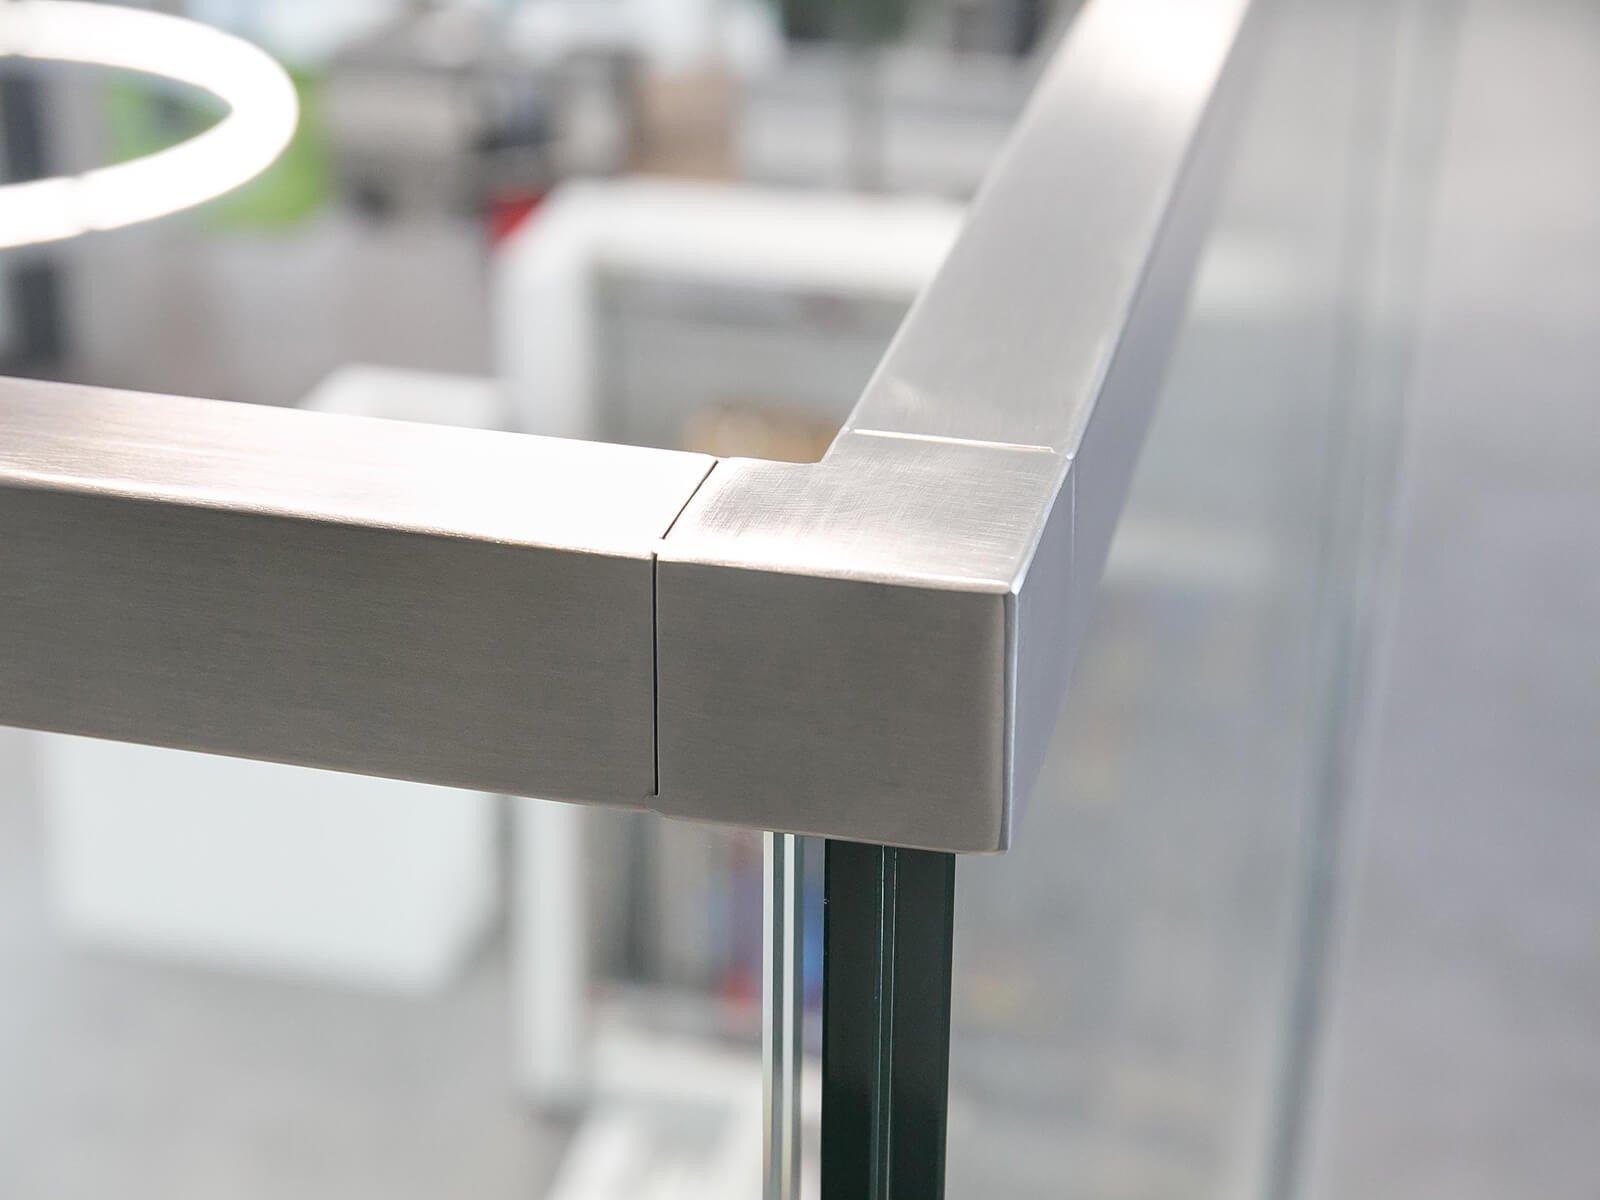 Glasbrüstung DELGADO mit hochwertigem Kantenschutz effektiver Schutz vor Delaminierung und Stoss